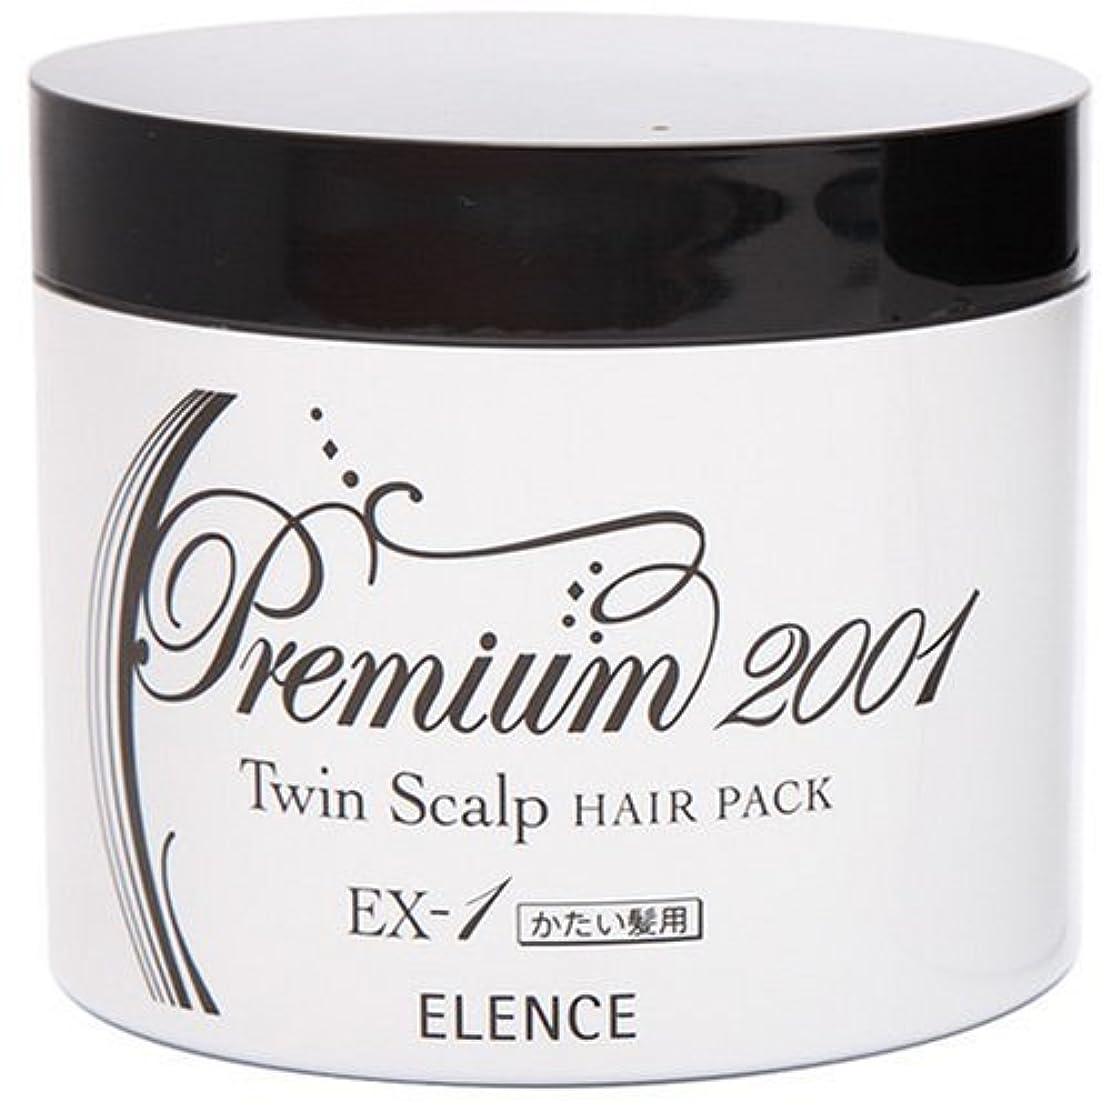 極めて重要な留め金市の花エレンス2001 ツインスキャルプヘアパックEX-1(かたい髪用)